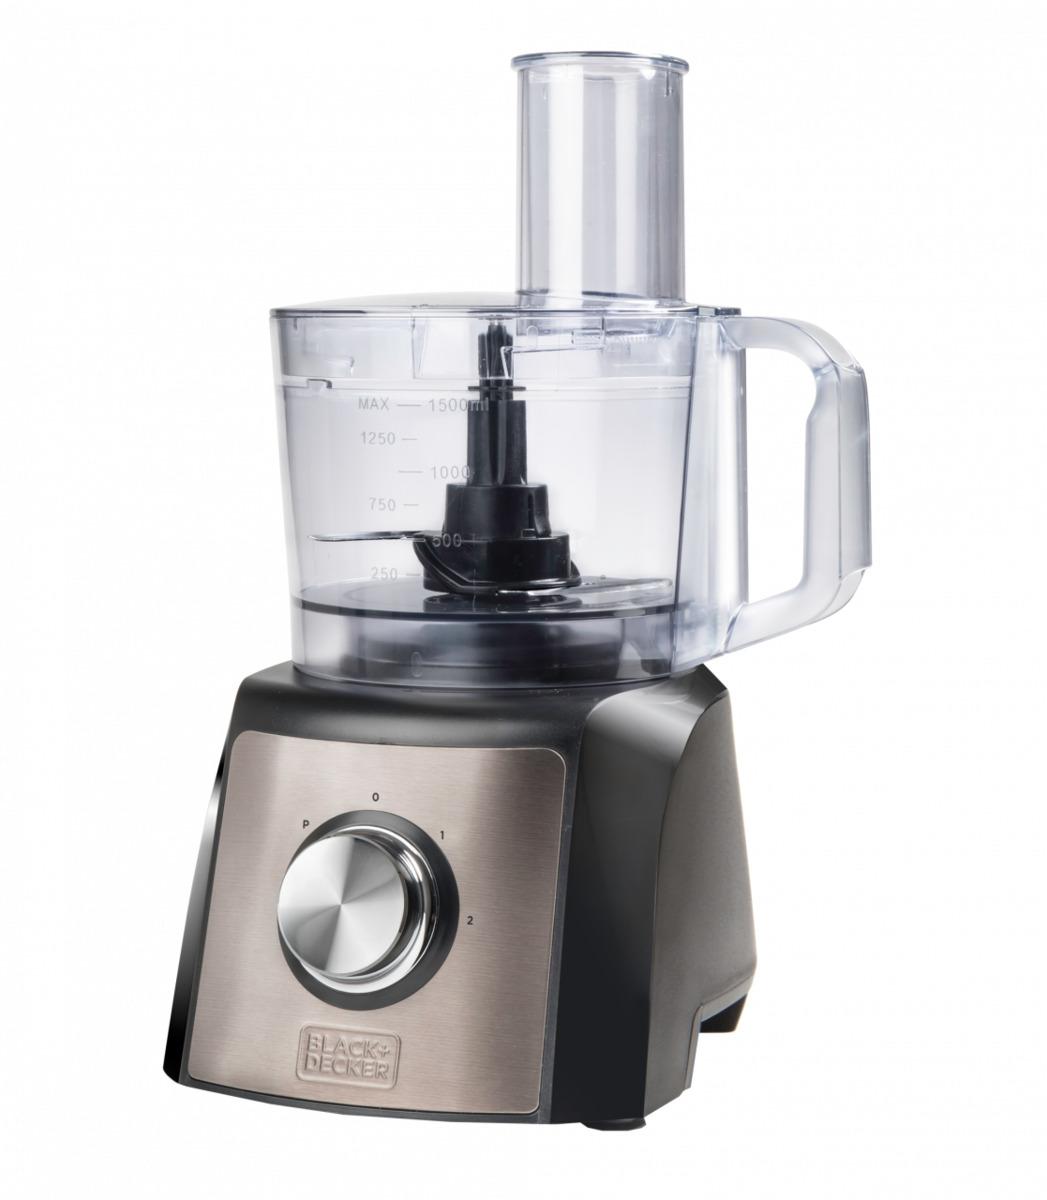 Bild 1 von Black+Decker Küchenmaschine BXFPA1200E